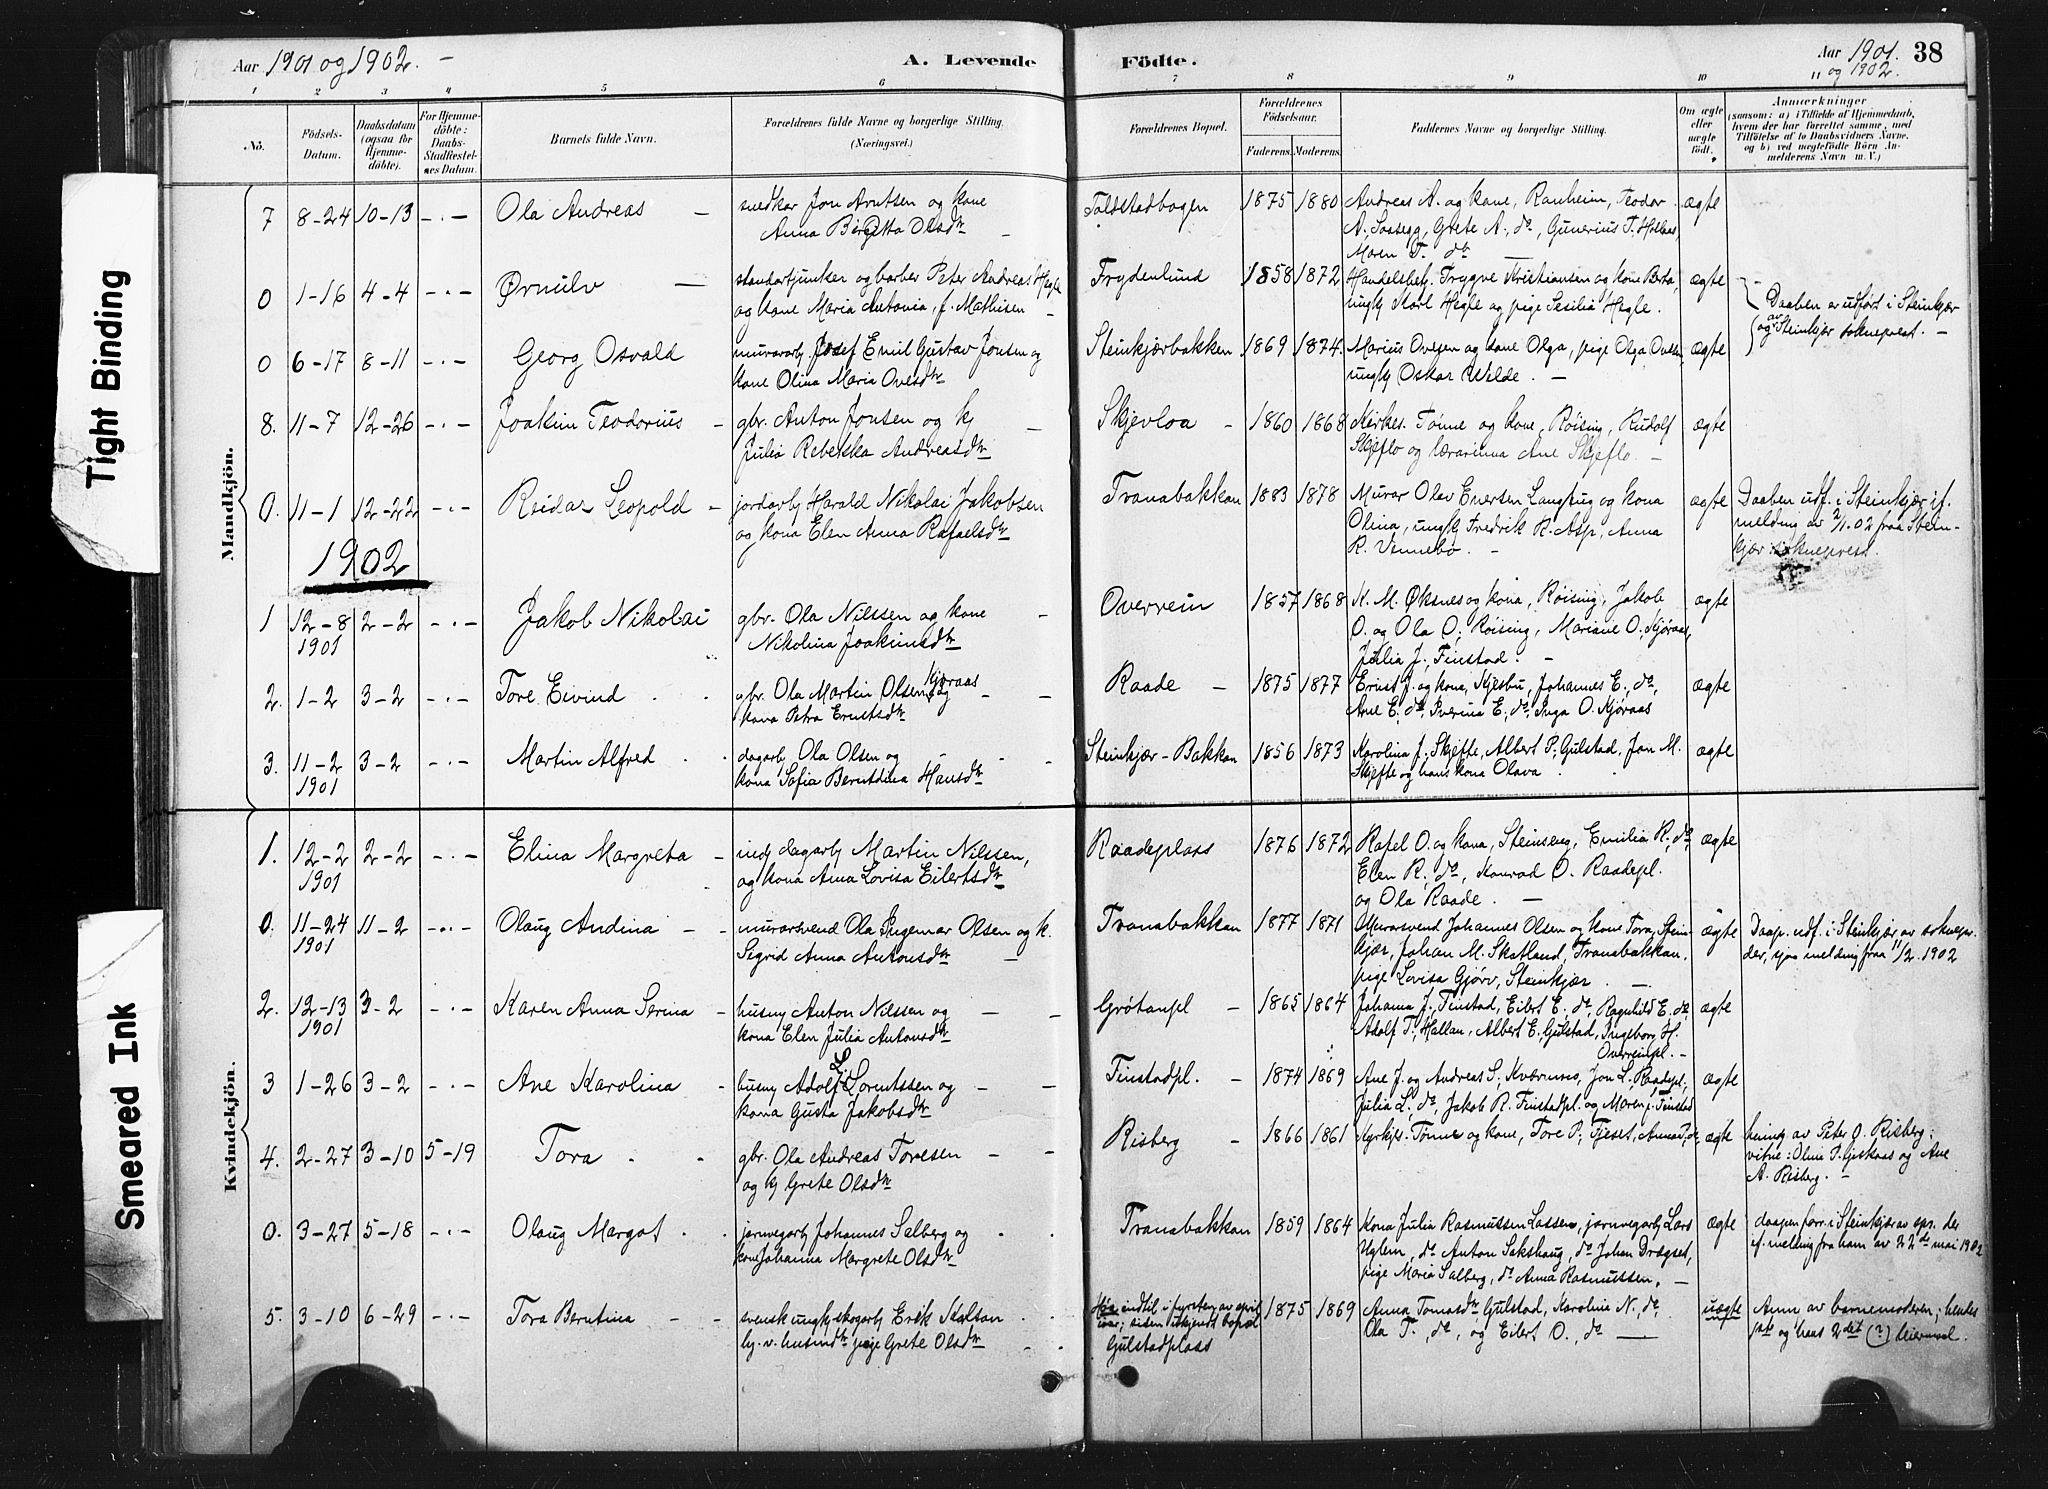 SAT, Ministerialprotokoller, klokkerbøker og fødselsregistre - Nord-Trøndelag, 736/L0361: Ministerialbok nr. 736A01, 1884-1906, s. 38